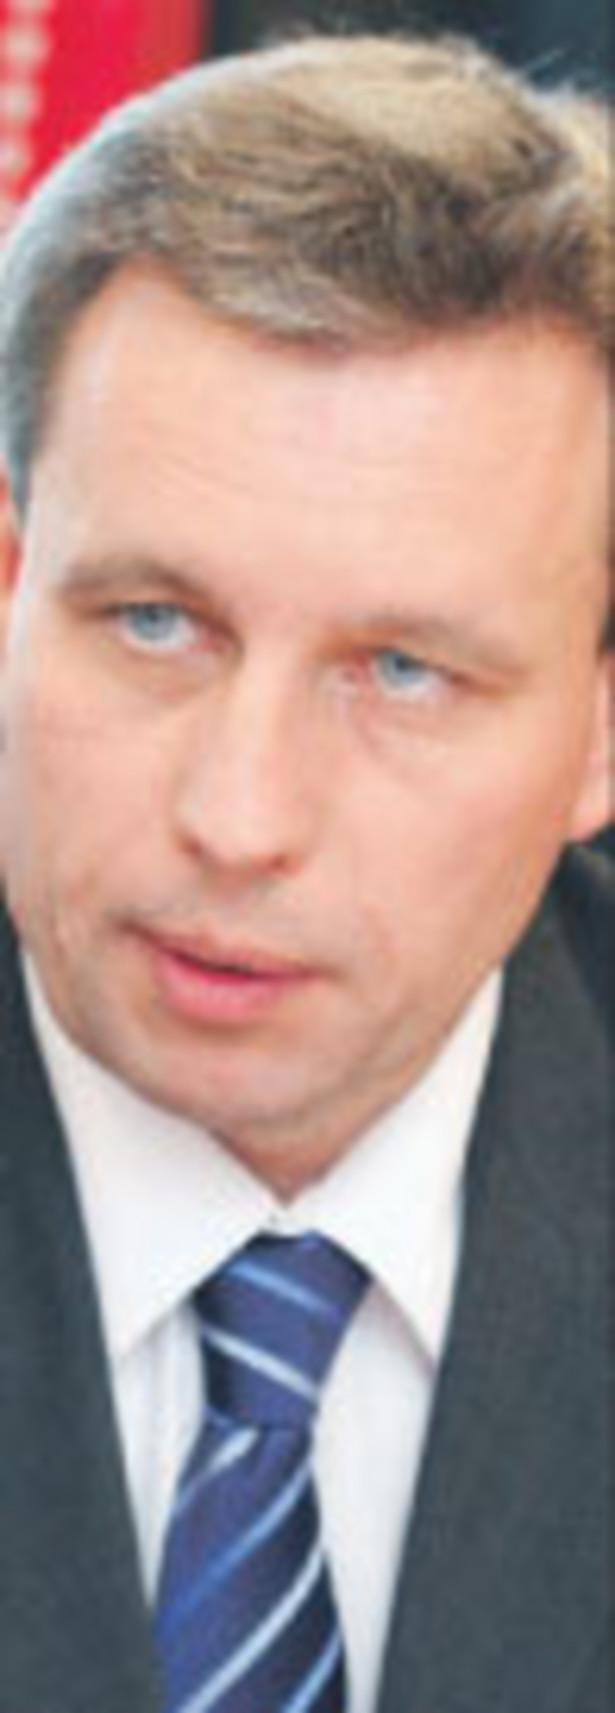 Andrzej Kaczmarek, doradca KPMG, były wiceminister gospodarki